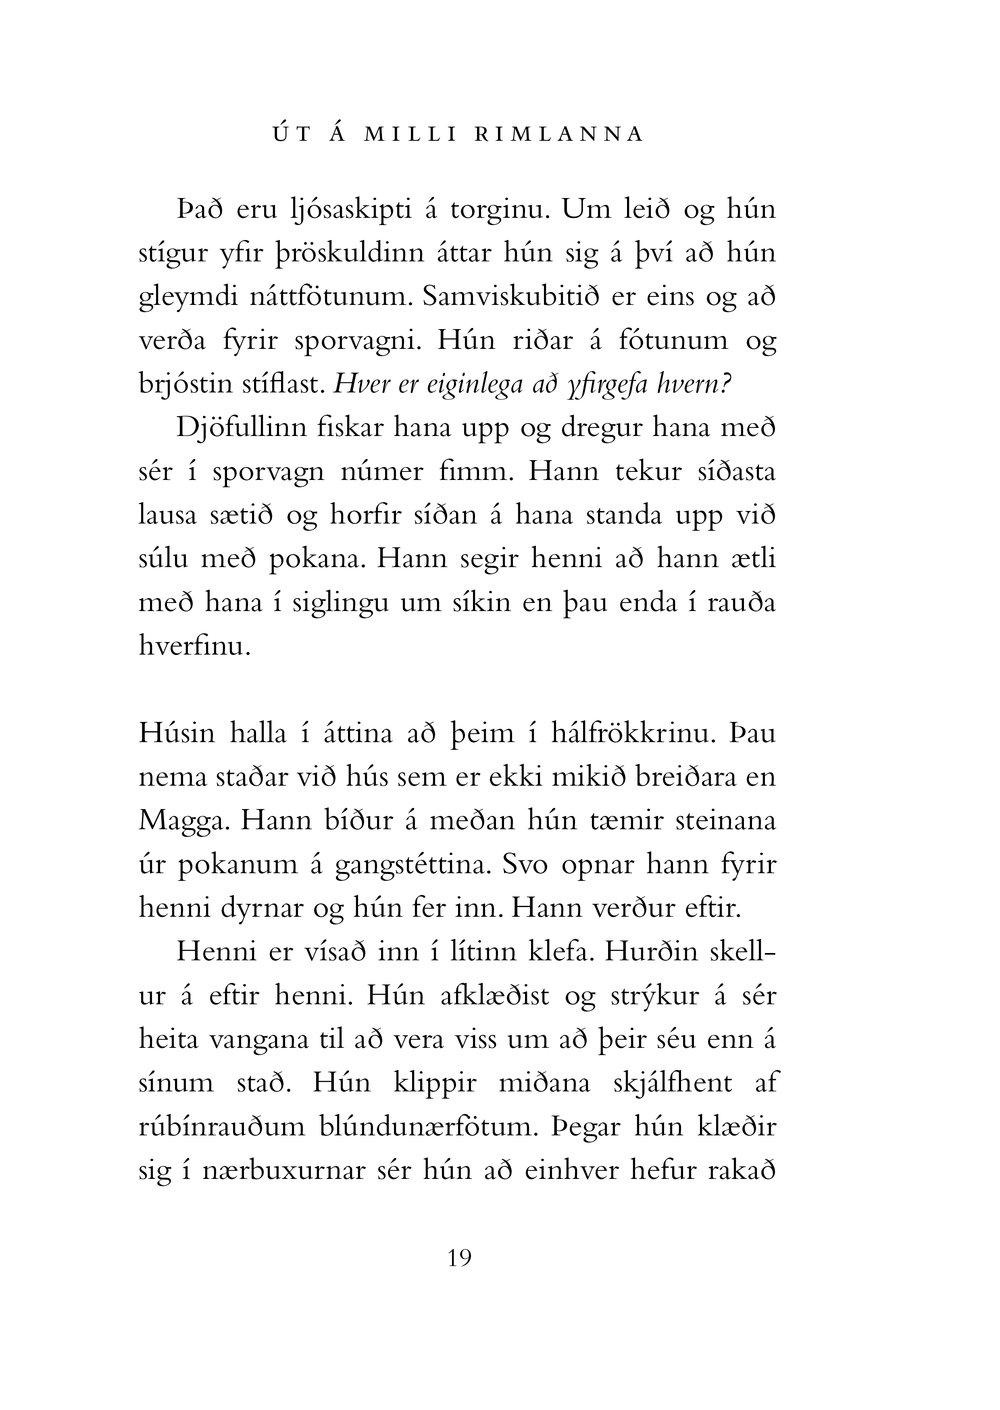 thordis-helgadottir-ut-a-milli-rimlanna-partus